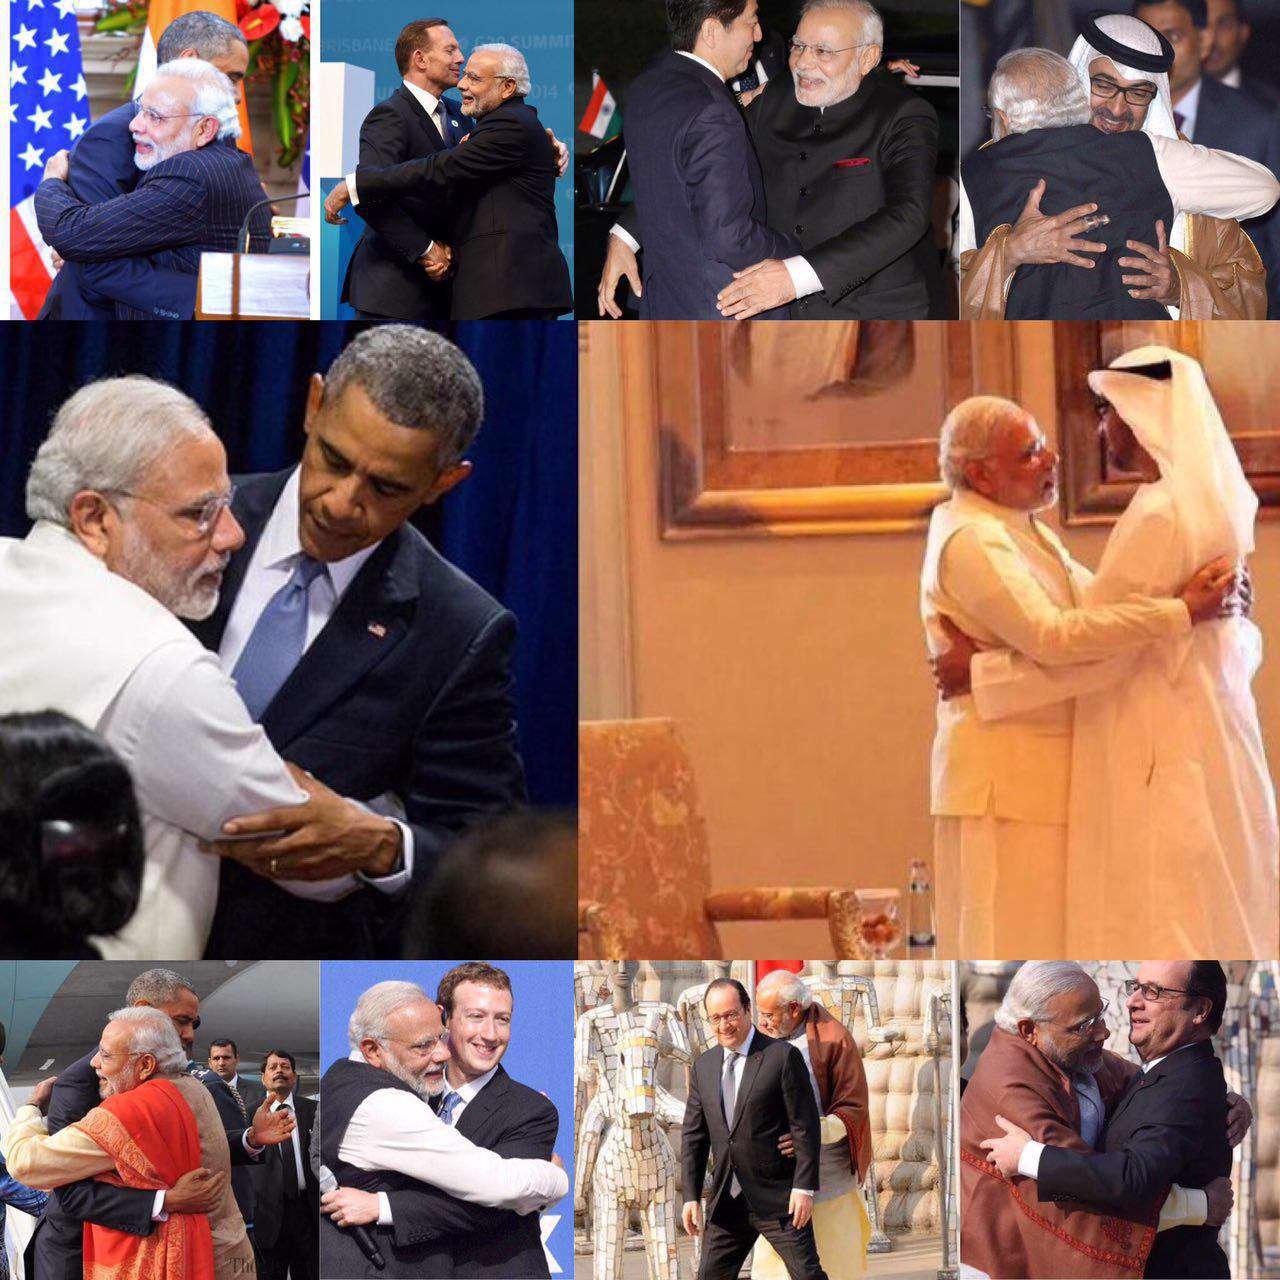 سبک سلفی های نخست وزیر هند